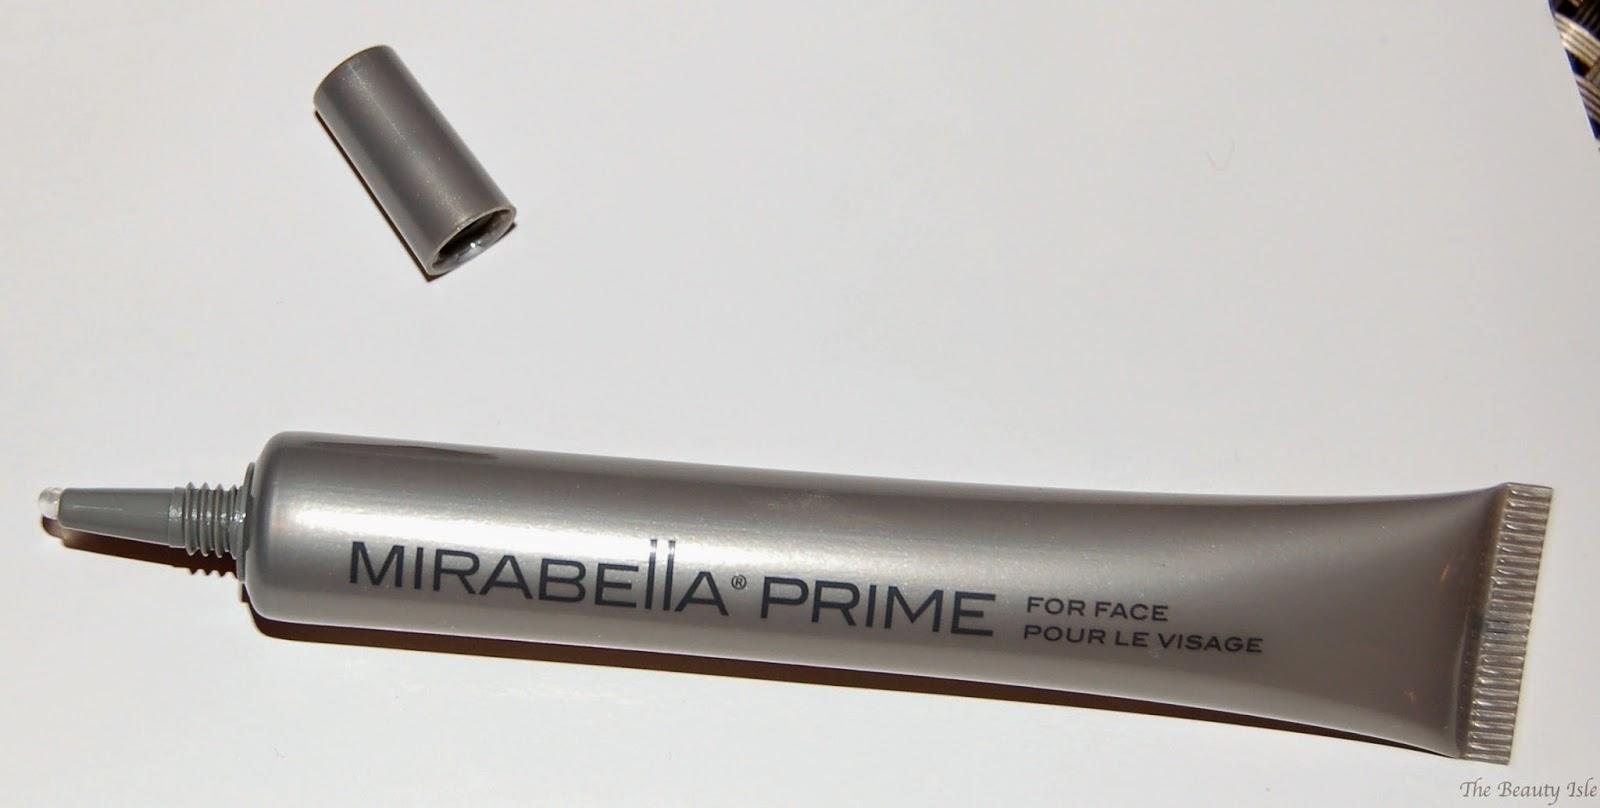 Mirabelle Primer